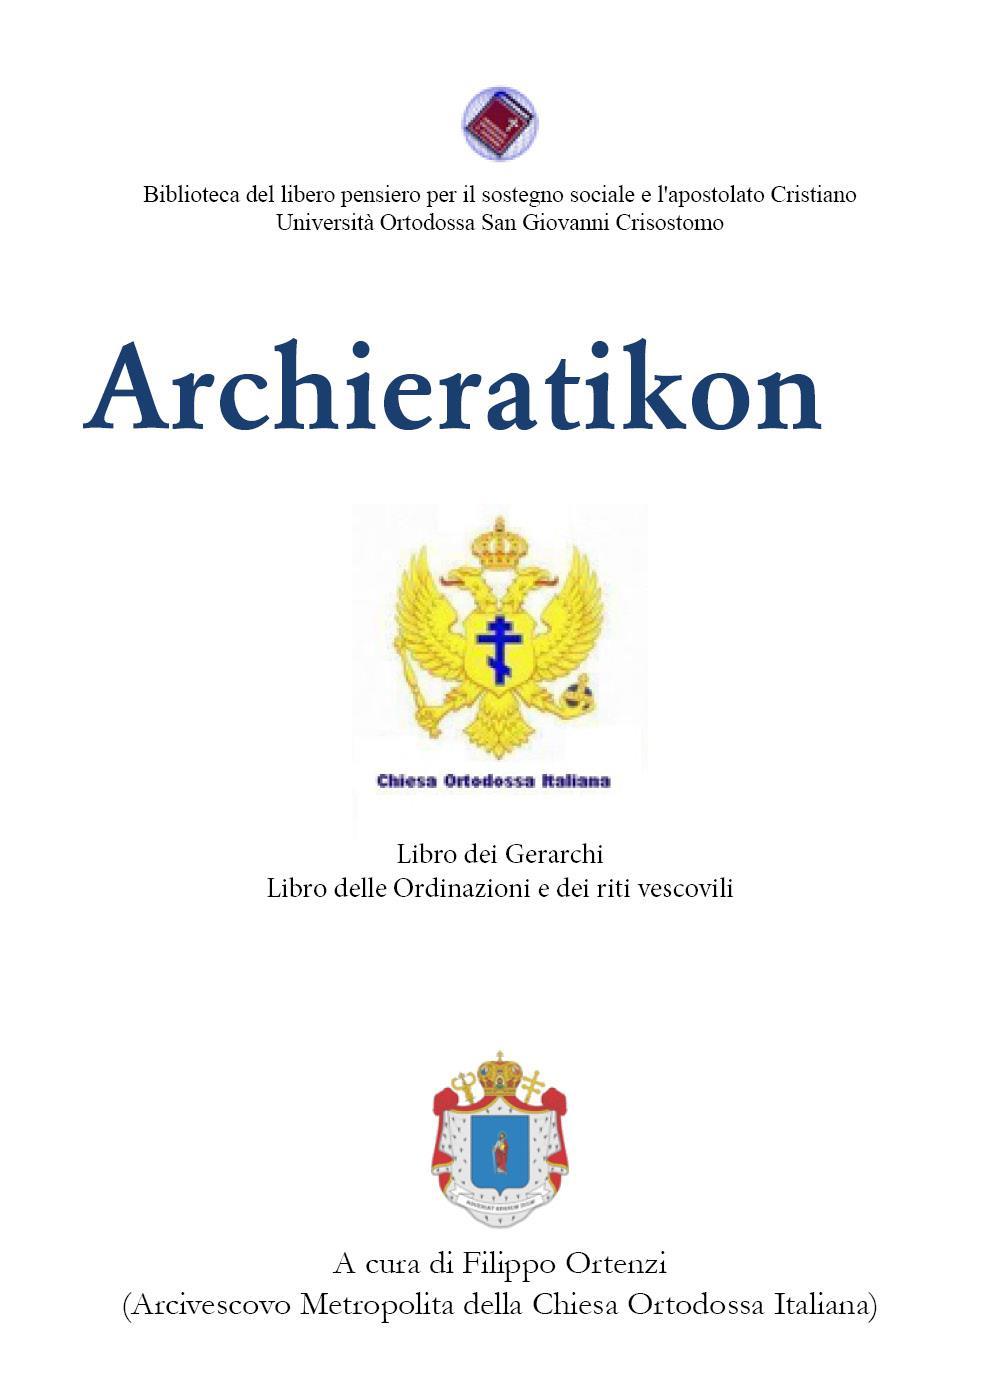 Archieratikon